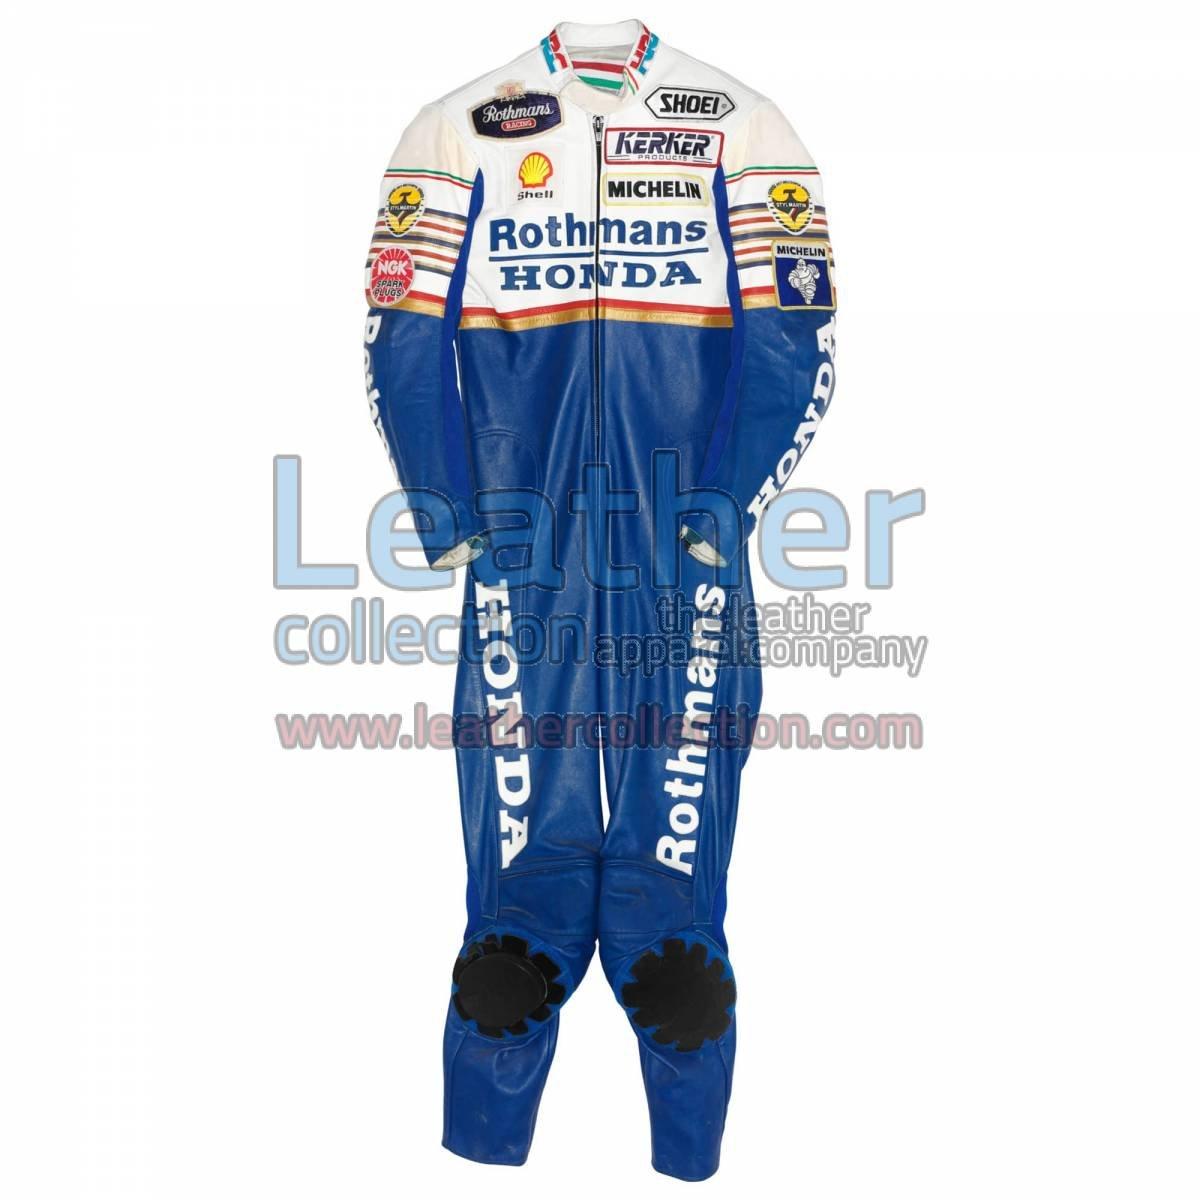 Eddie Lawson Rothmans honda GP 1989 Leathers